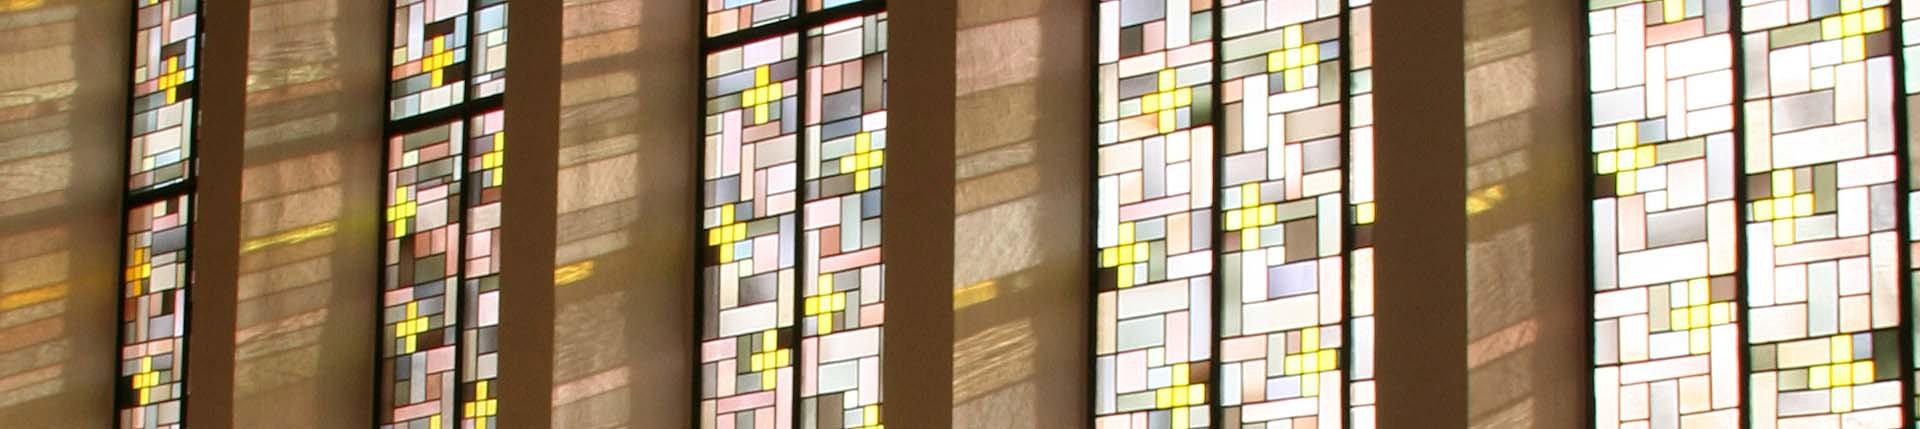 Katholische Gottesdienste Karlsruhe